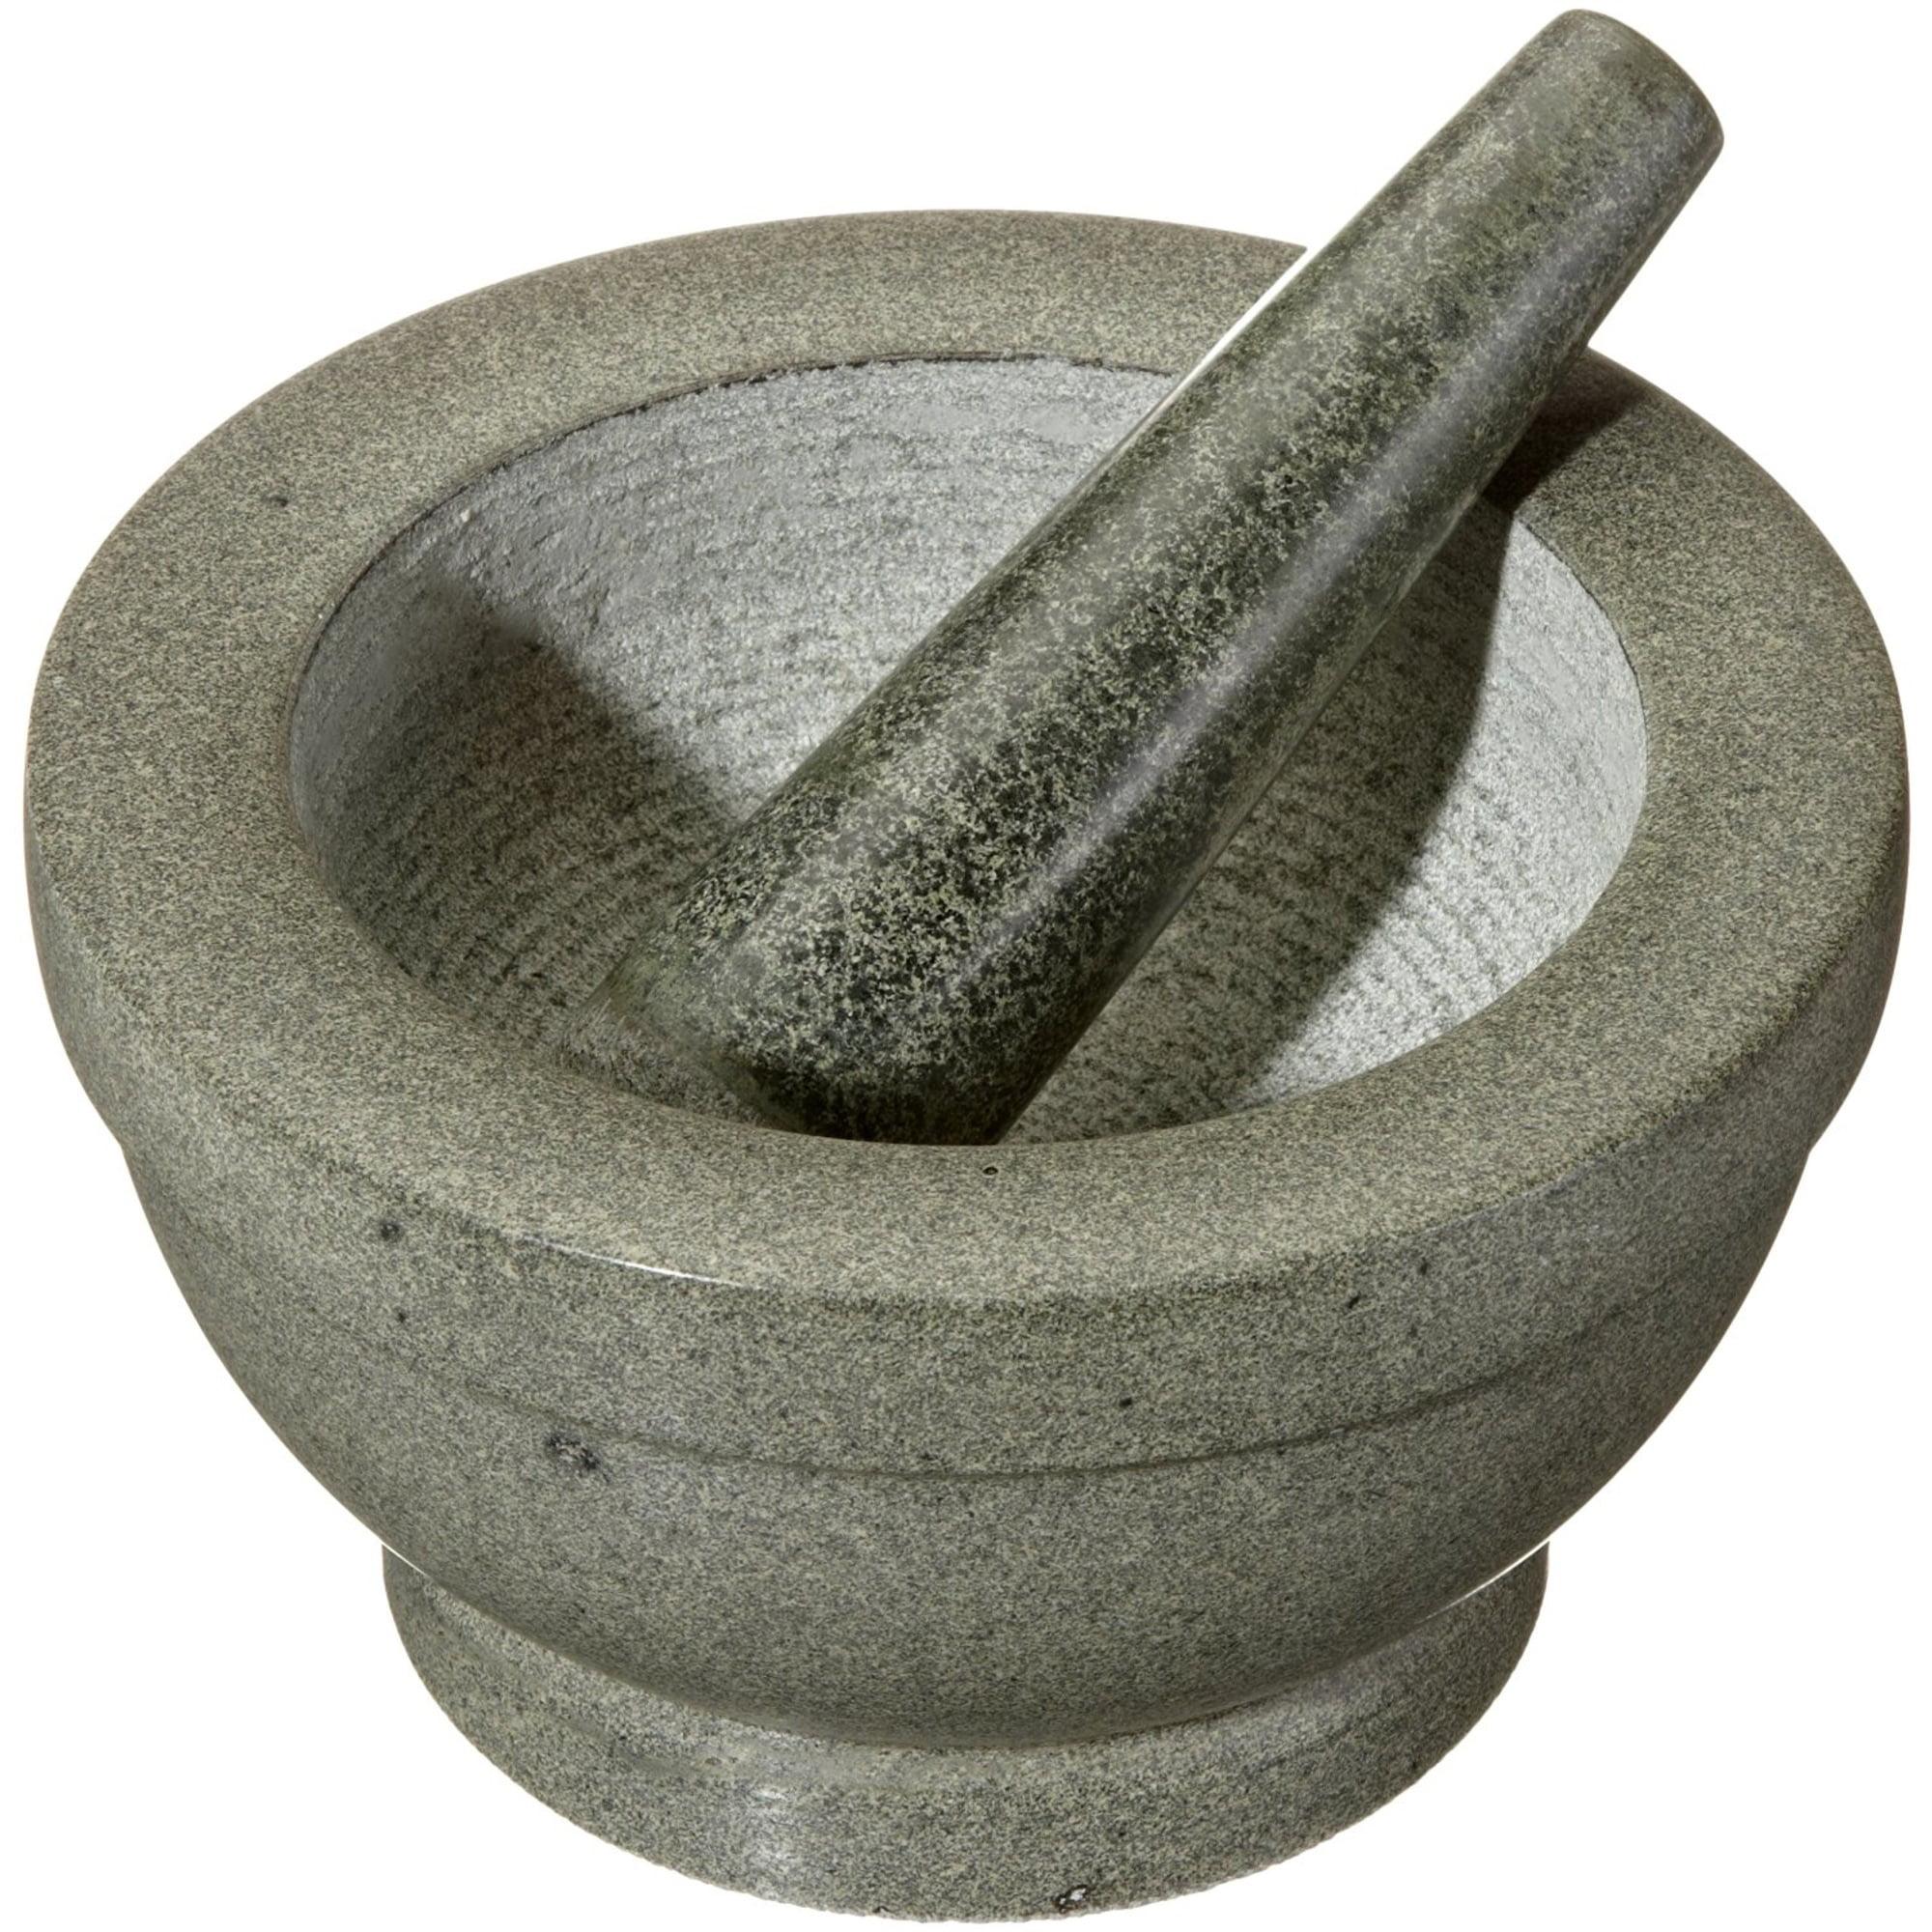 Cilio Giant Granite Mortar and Pestle - 8 Inches